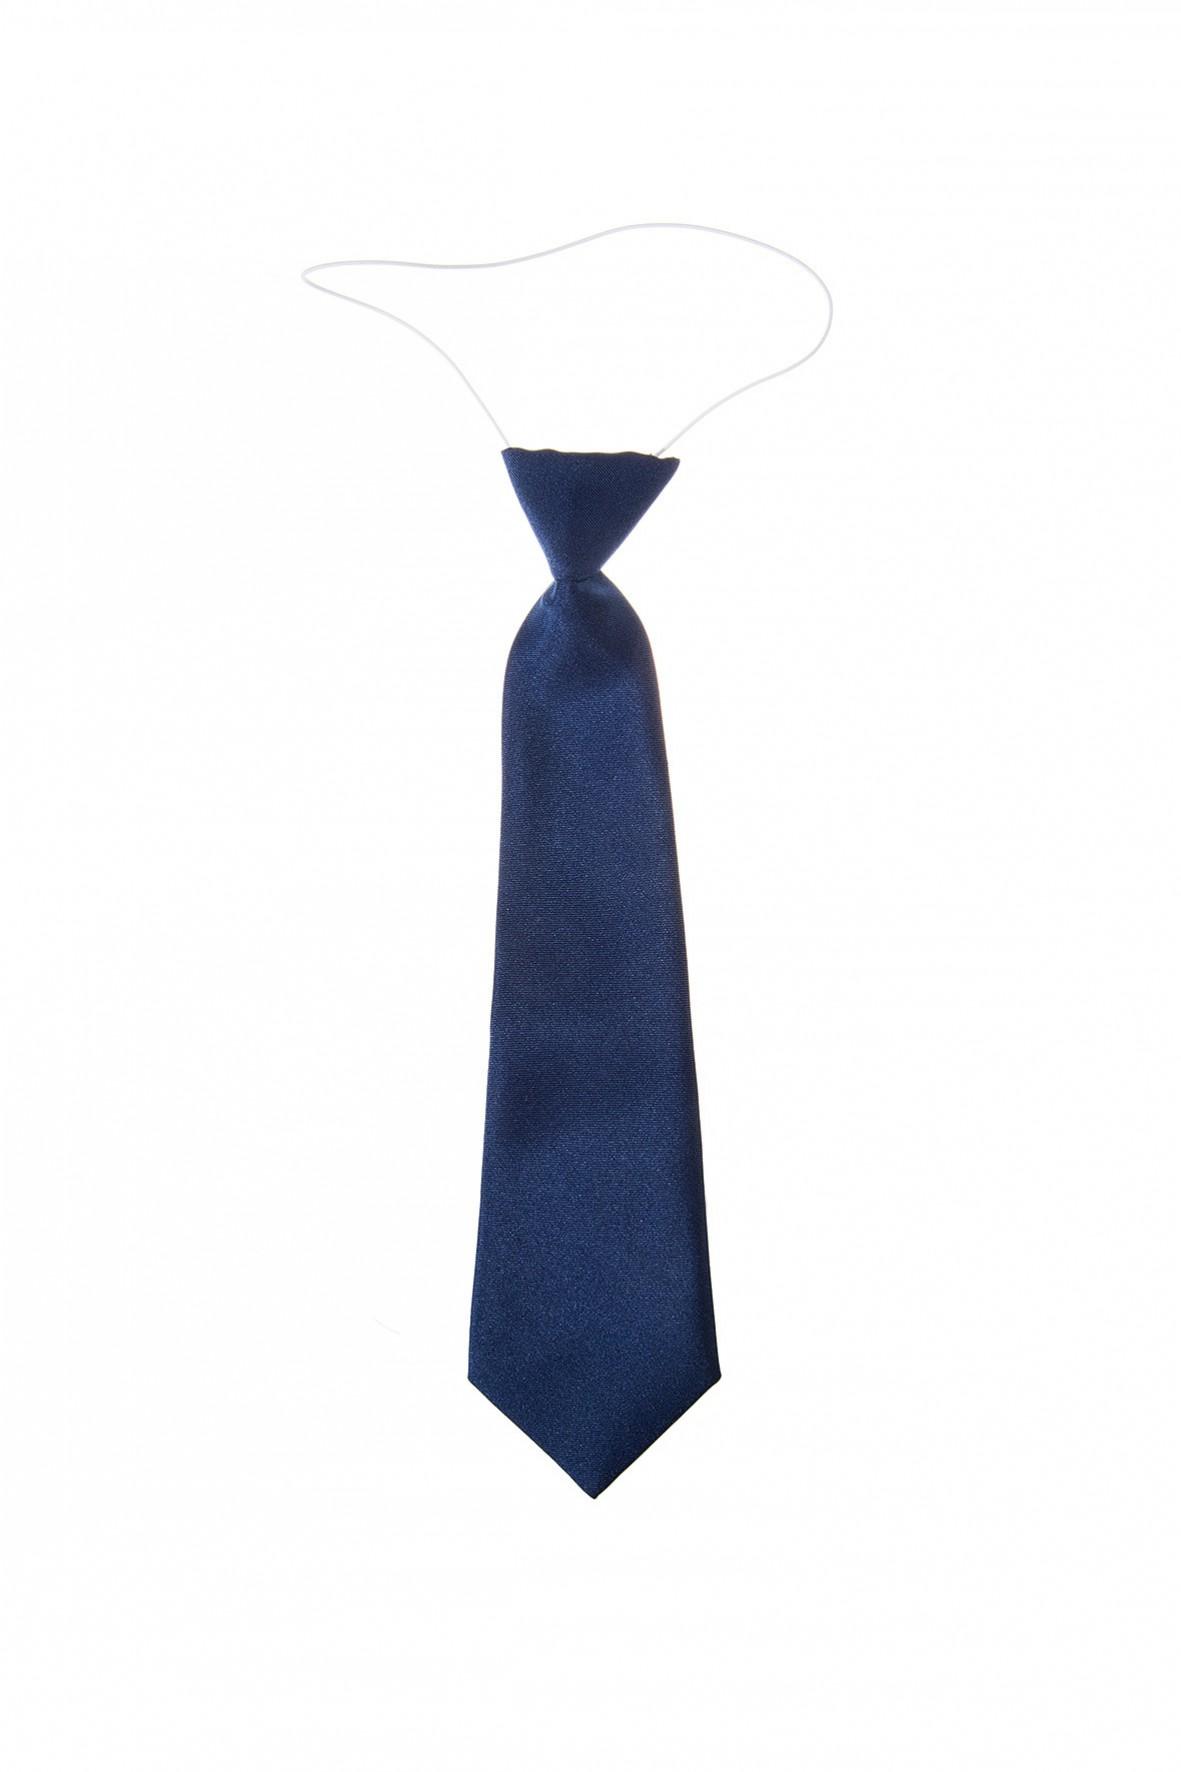 Krawat chłopięcy granatowy